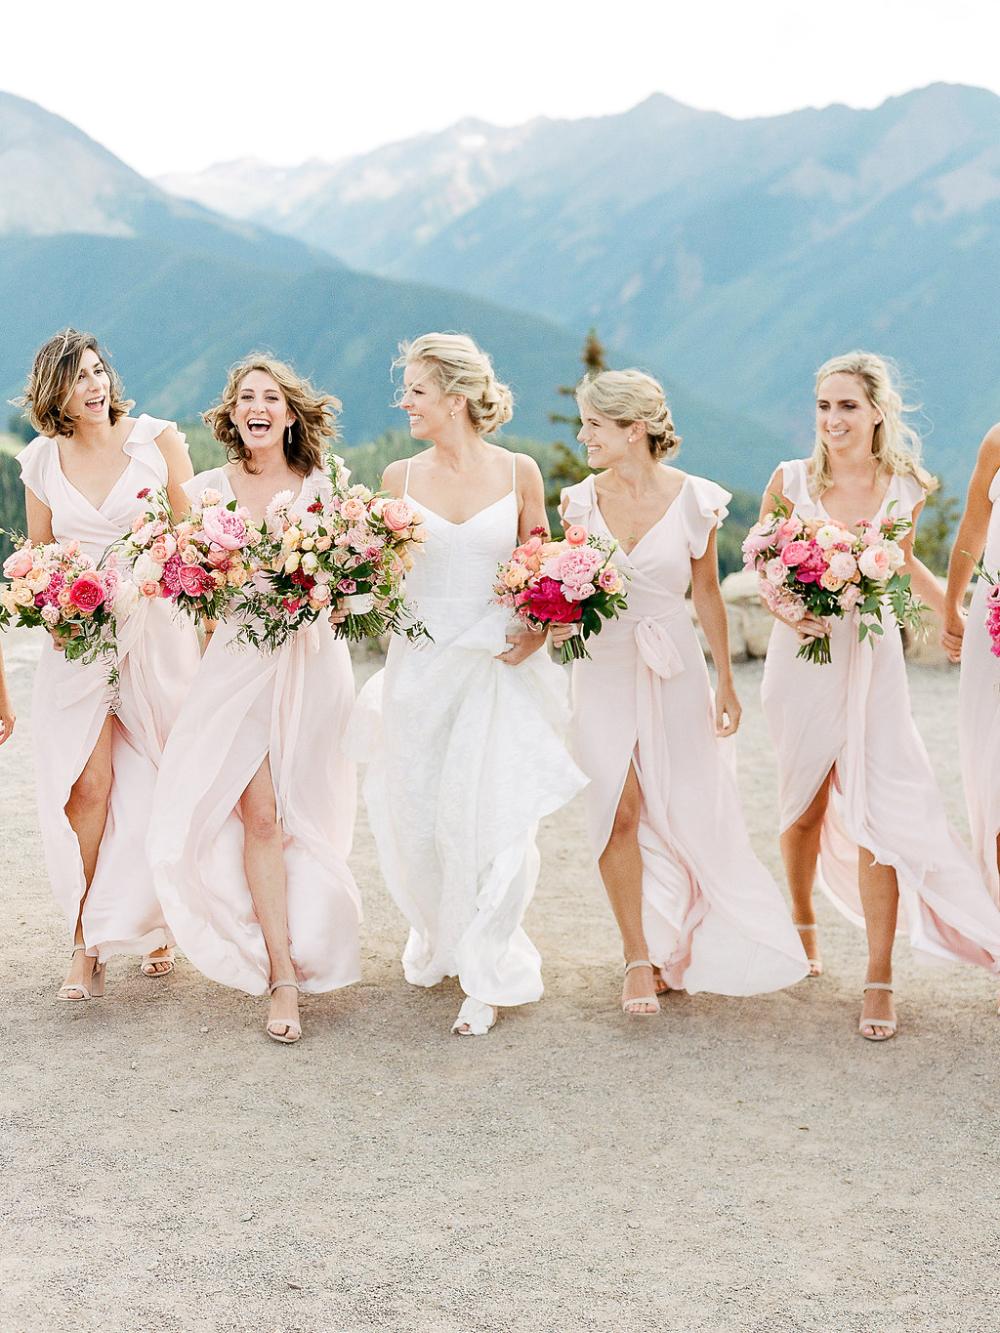 Letty + Scott's Aspen Wedding at The Little Nell — Little